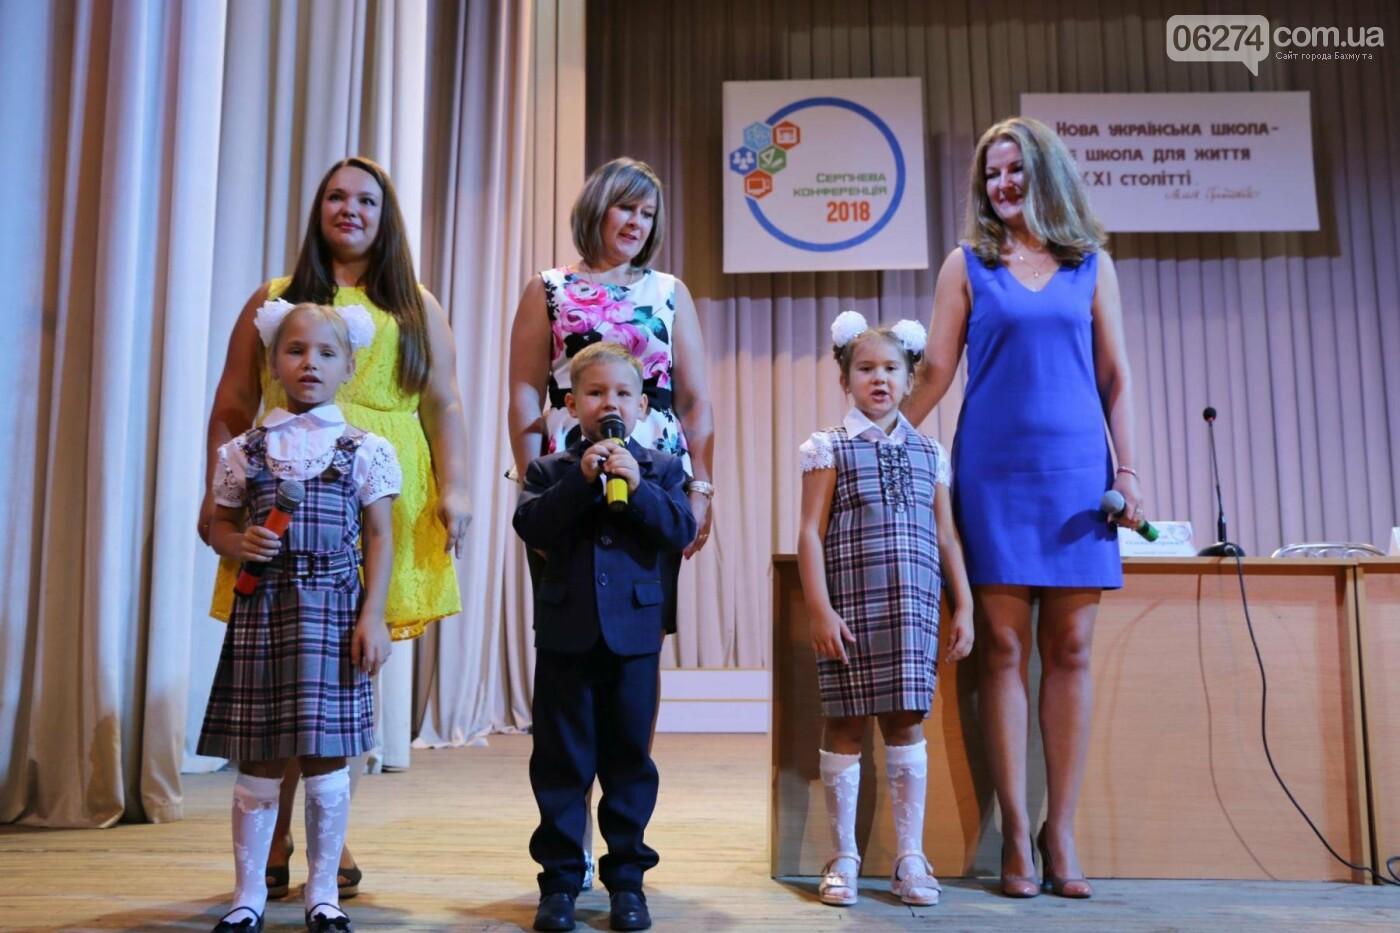 В Бахмуте состоялась августовская педагогическая конференция «Нова українська школа: освіта для життя», фото-6